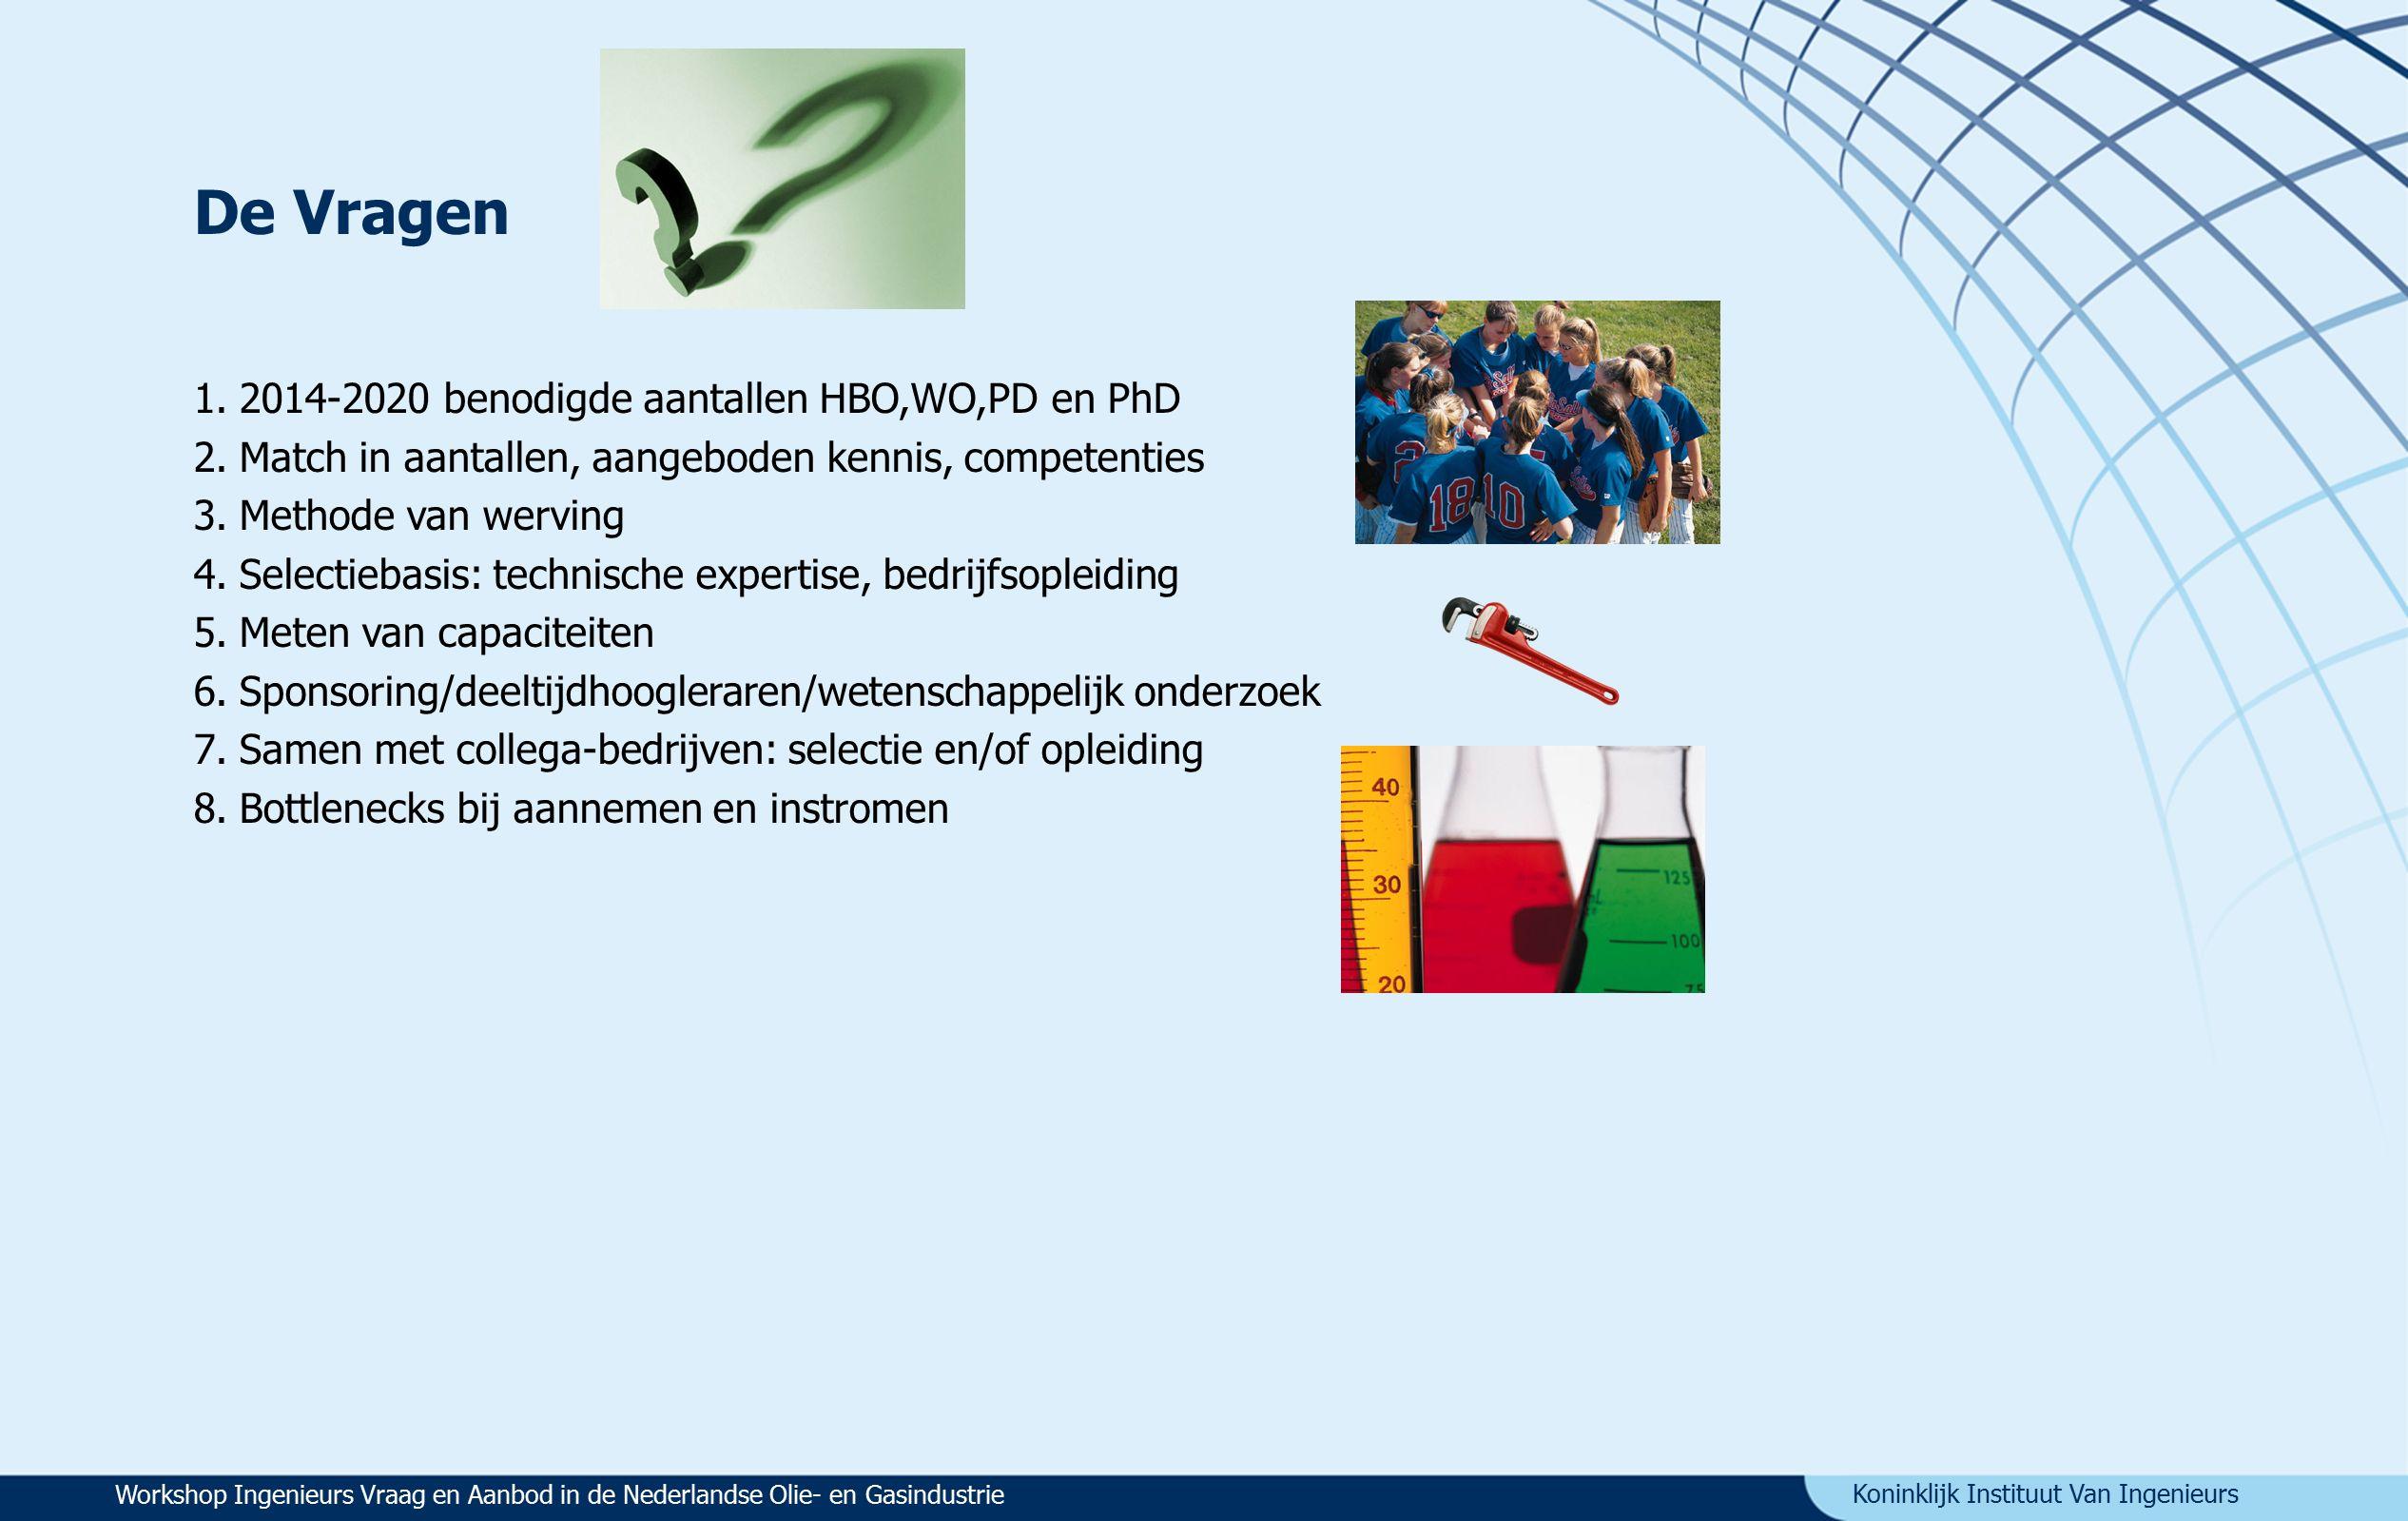 Koninklijk Instituut Van Ingenieurs De Vragen 1.2014-2020 benodigde aantallen HBO,WO,PD en PhD 2.Match in aantallen, aangeboden kennis, competenties 3.Methode van werving 4.Selectiebasis: technische expertise, bedrijfsopleiding 5.Meten van capaciteiten 6.Sponsoring/deeltijdhoogleraren/wetenschappelijk onderzoek 7.Samen met collega-bedrijven: selectie en/of opleiding 8.Bottlenecks bij aannemen en instromen Workshop Ingenieurs Vraag en Aanbod in de Nederlandse Olie- en Gasindustrie